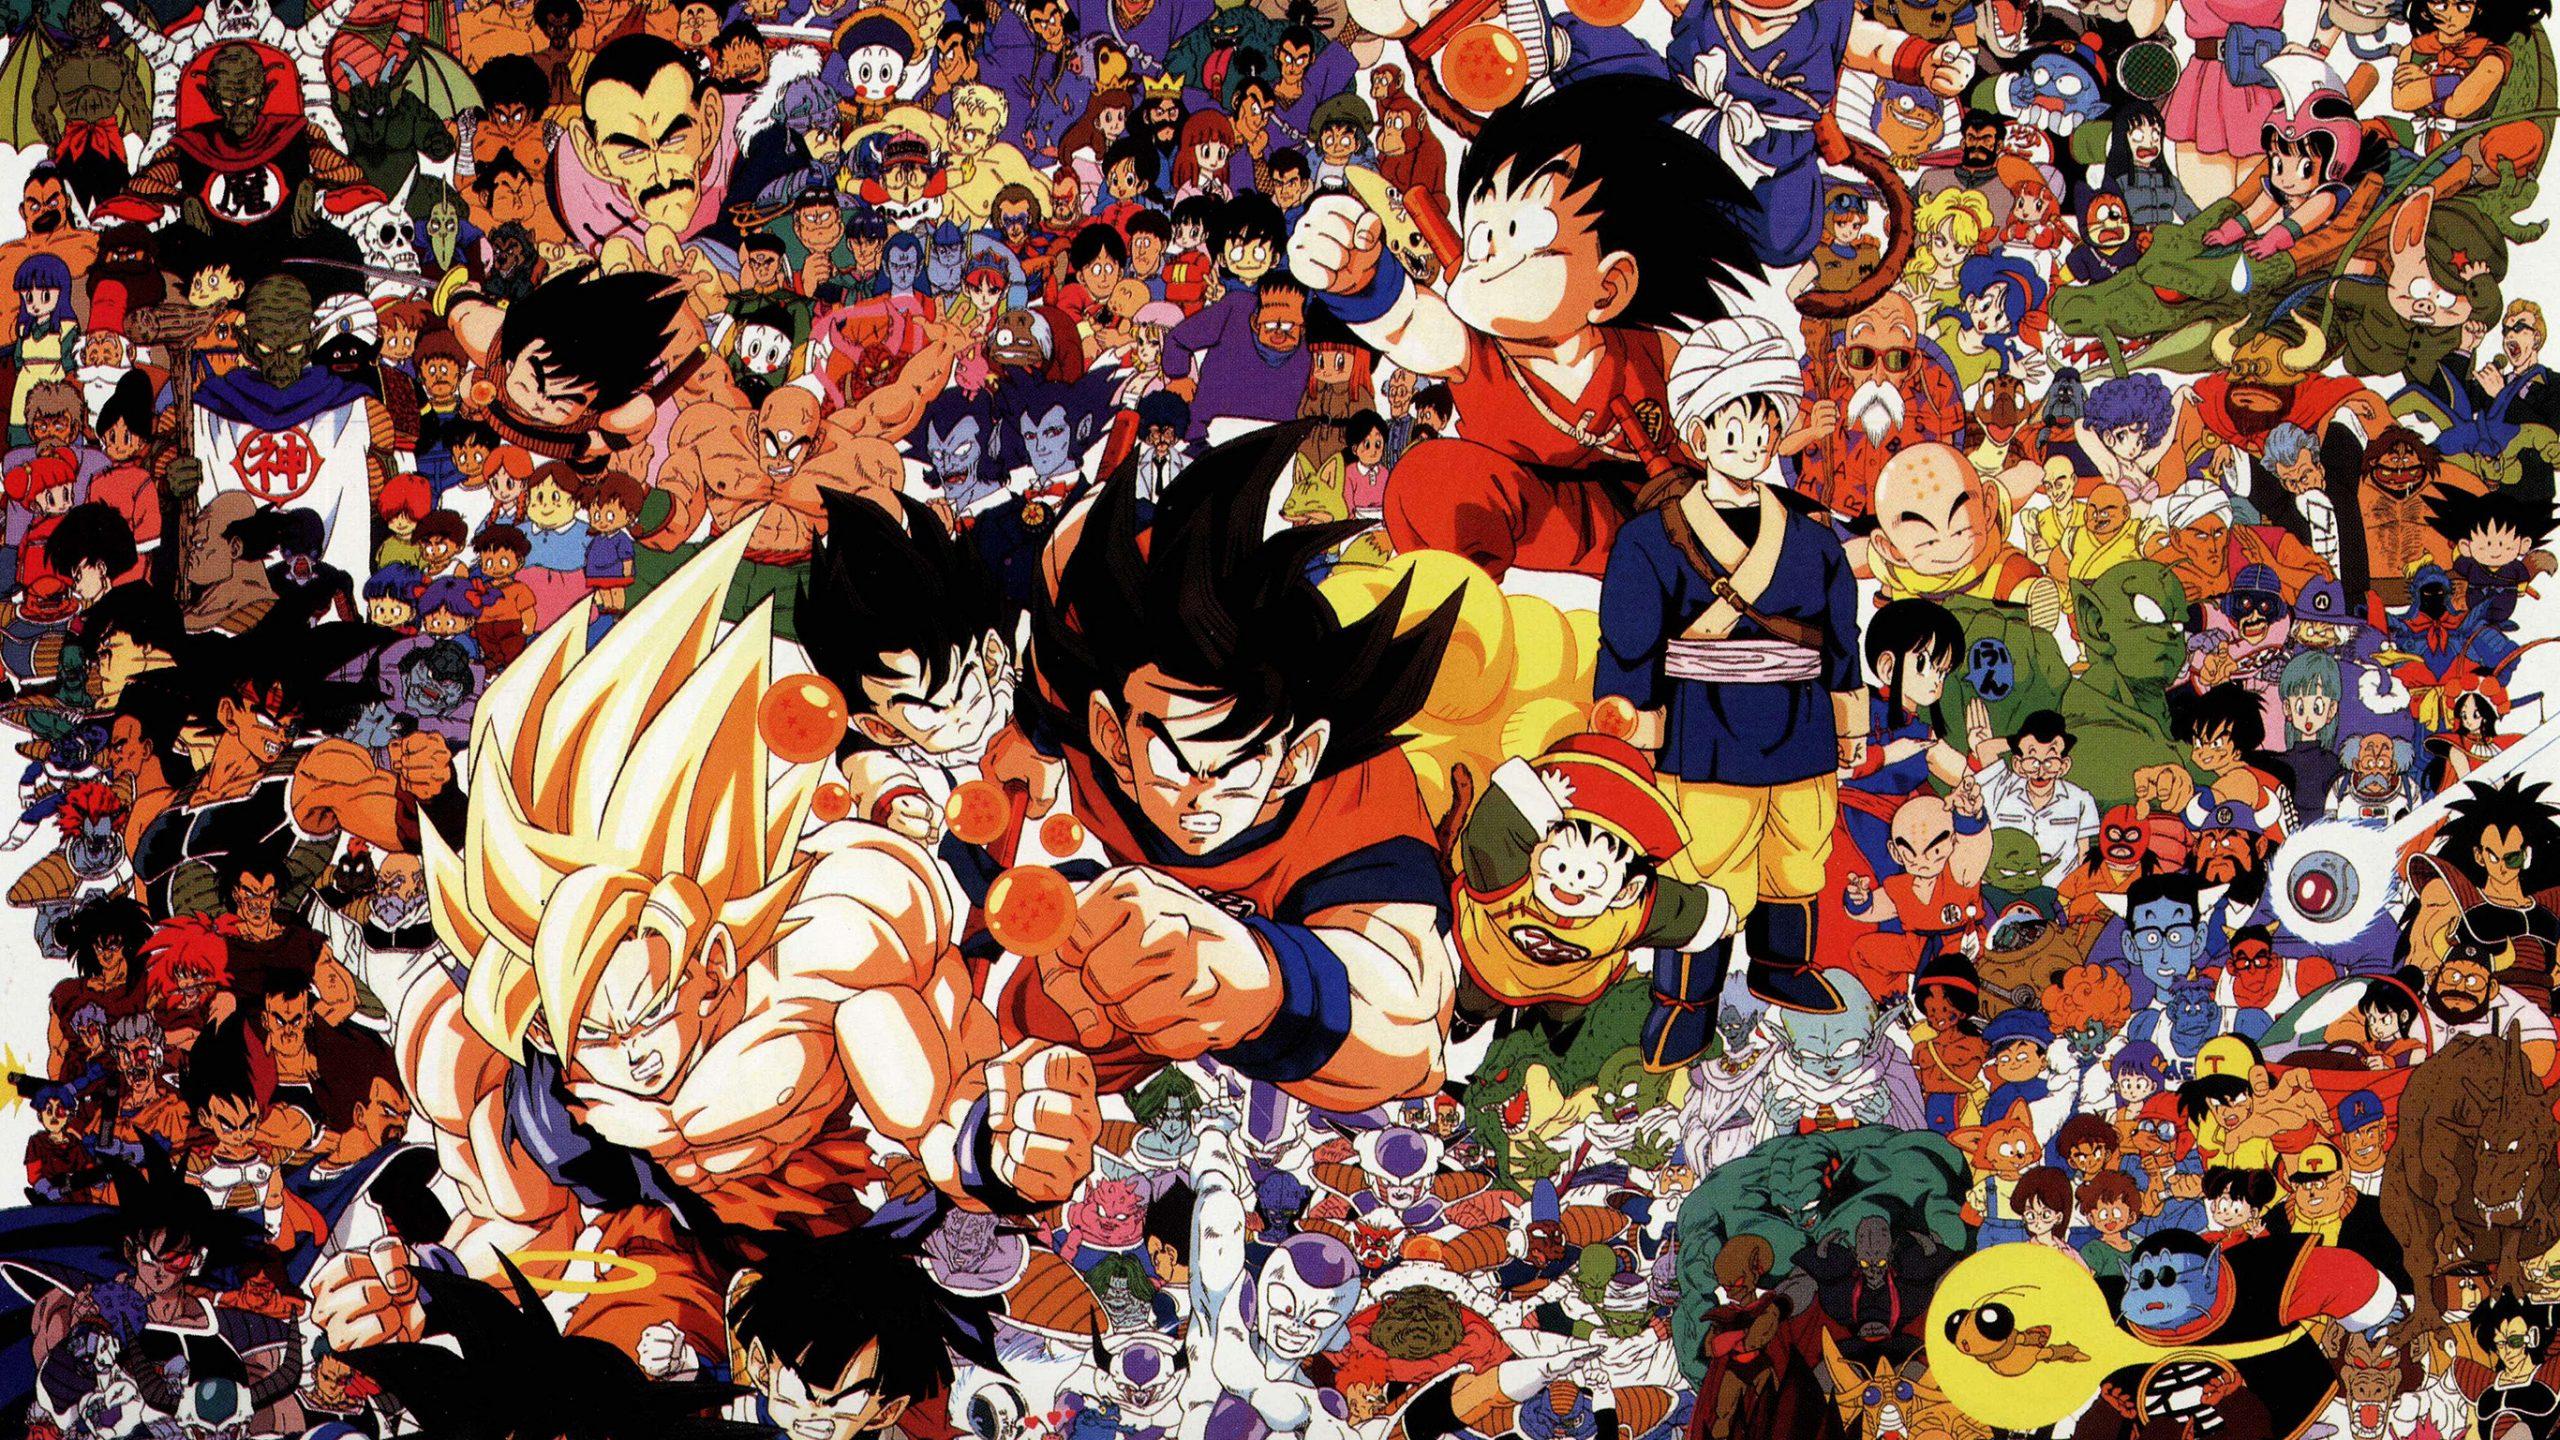 7) Dragon Ball